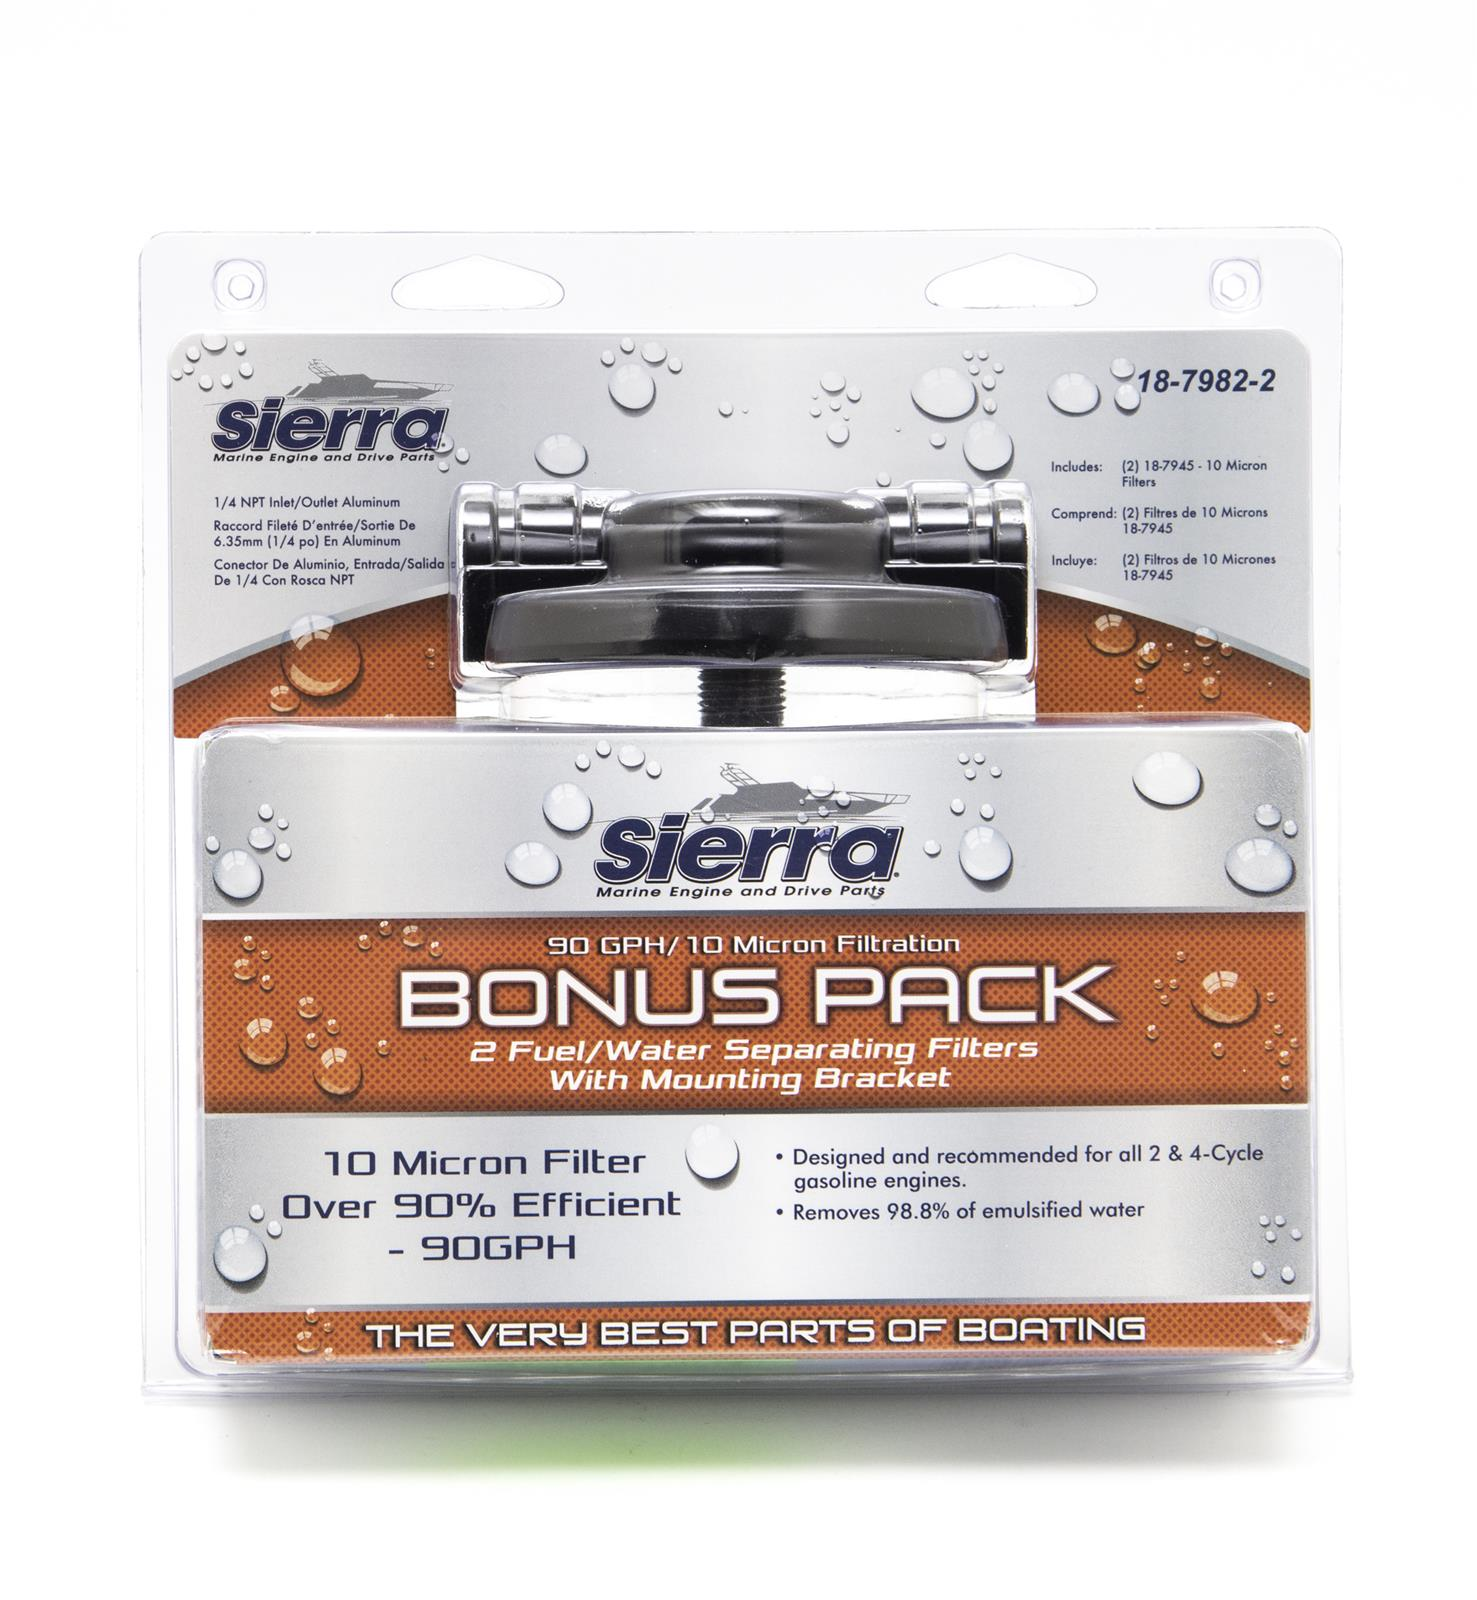 Sierra 18-7982-2 Marine Fuel Water Separator Filter